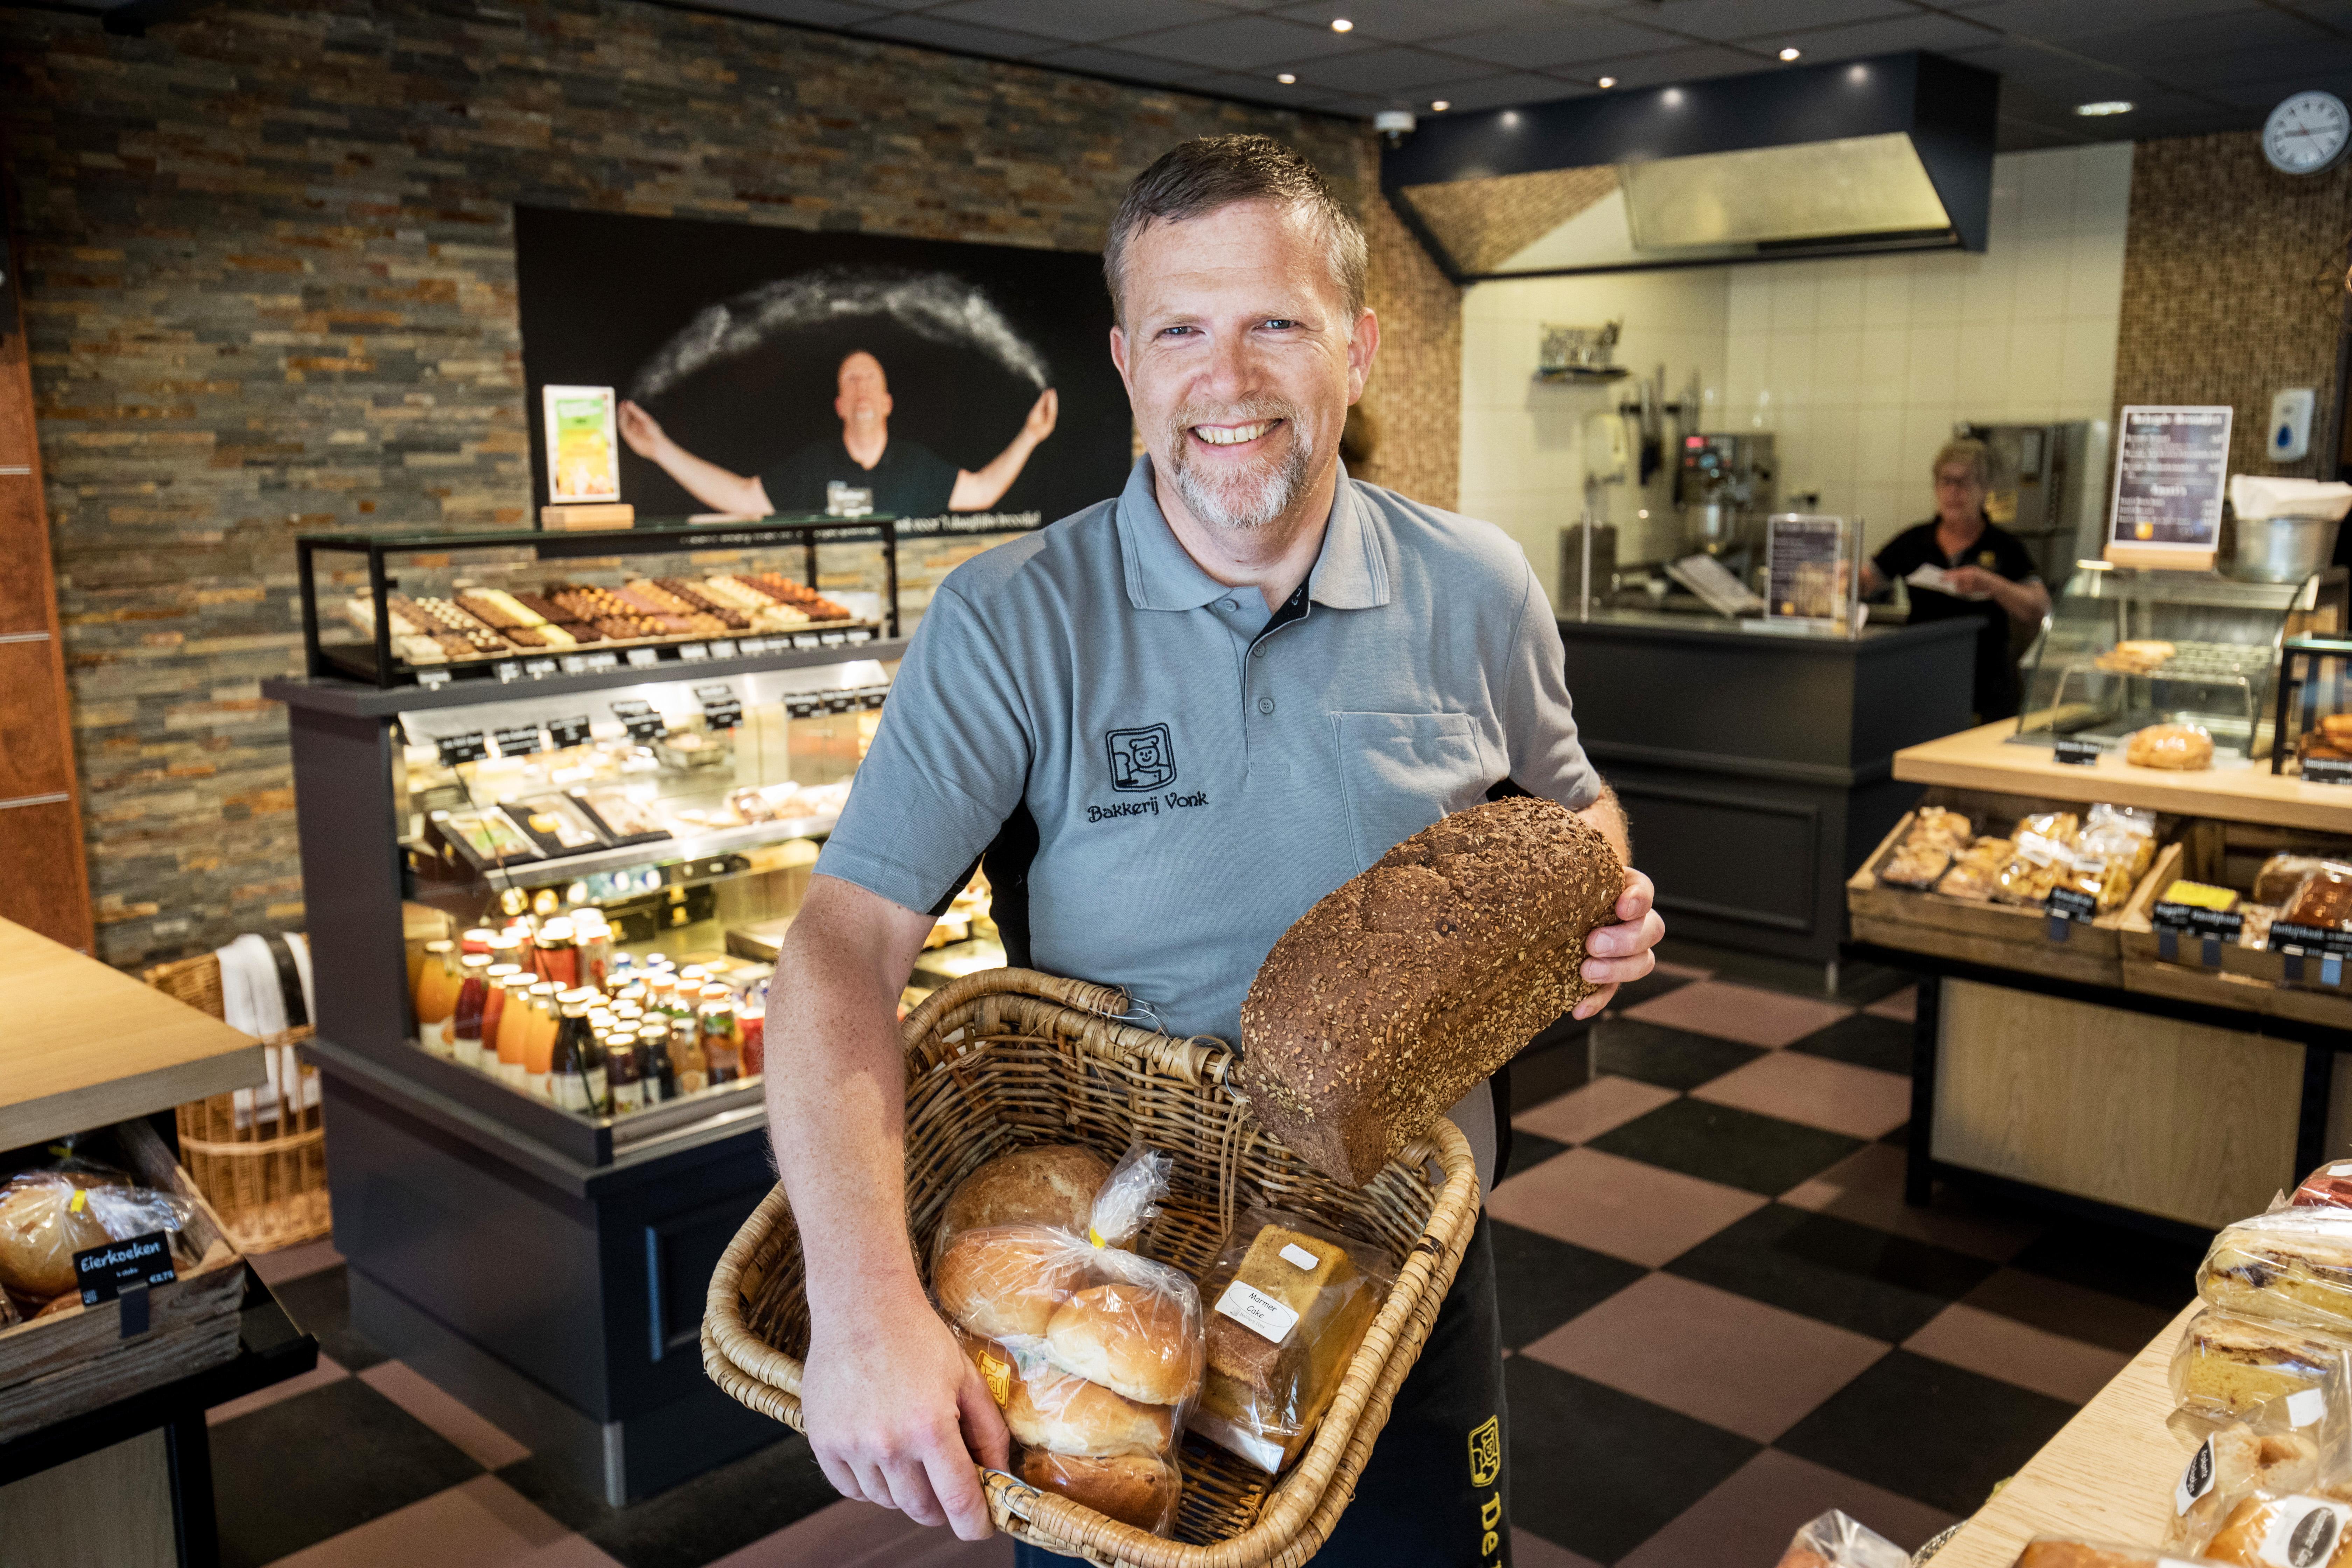 Vonk hoopt met het Digitale Dorpsplein Bunnik de concurrentie met de supermarkten aan te kunnen gaan.